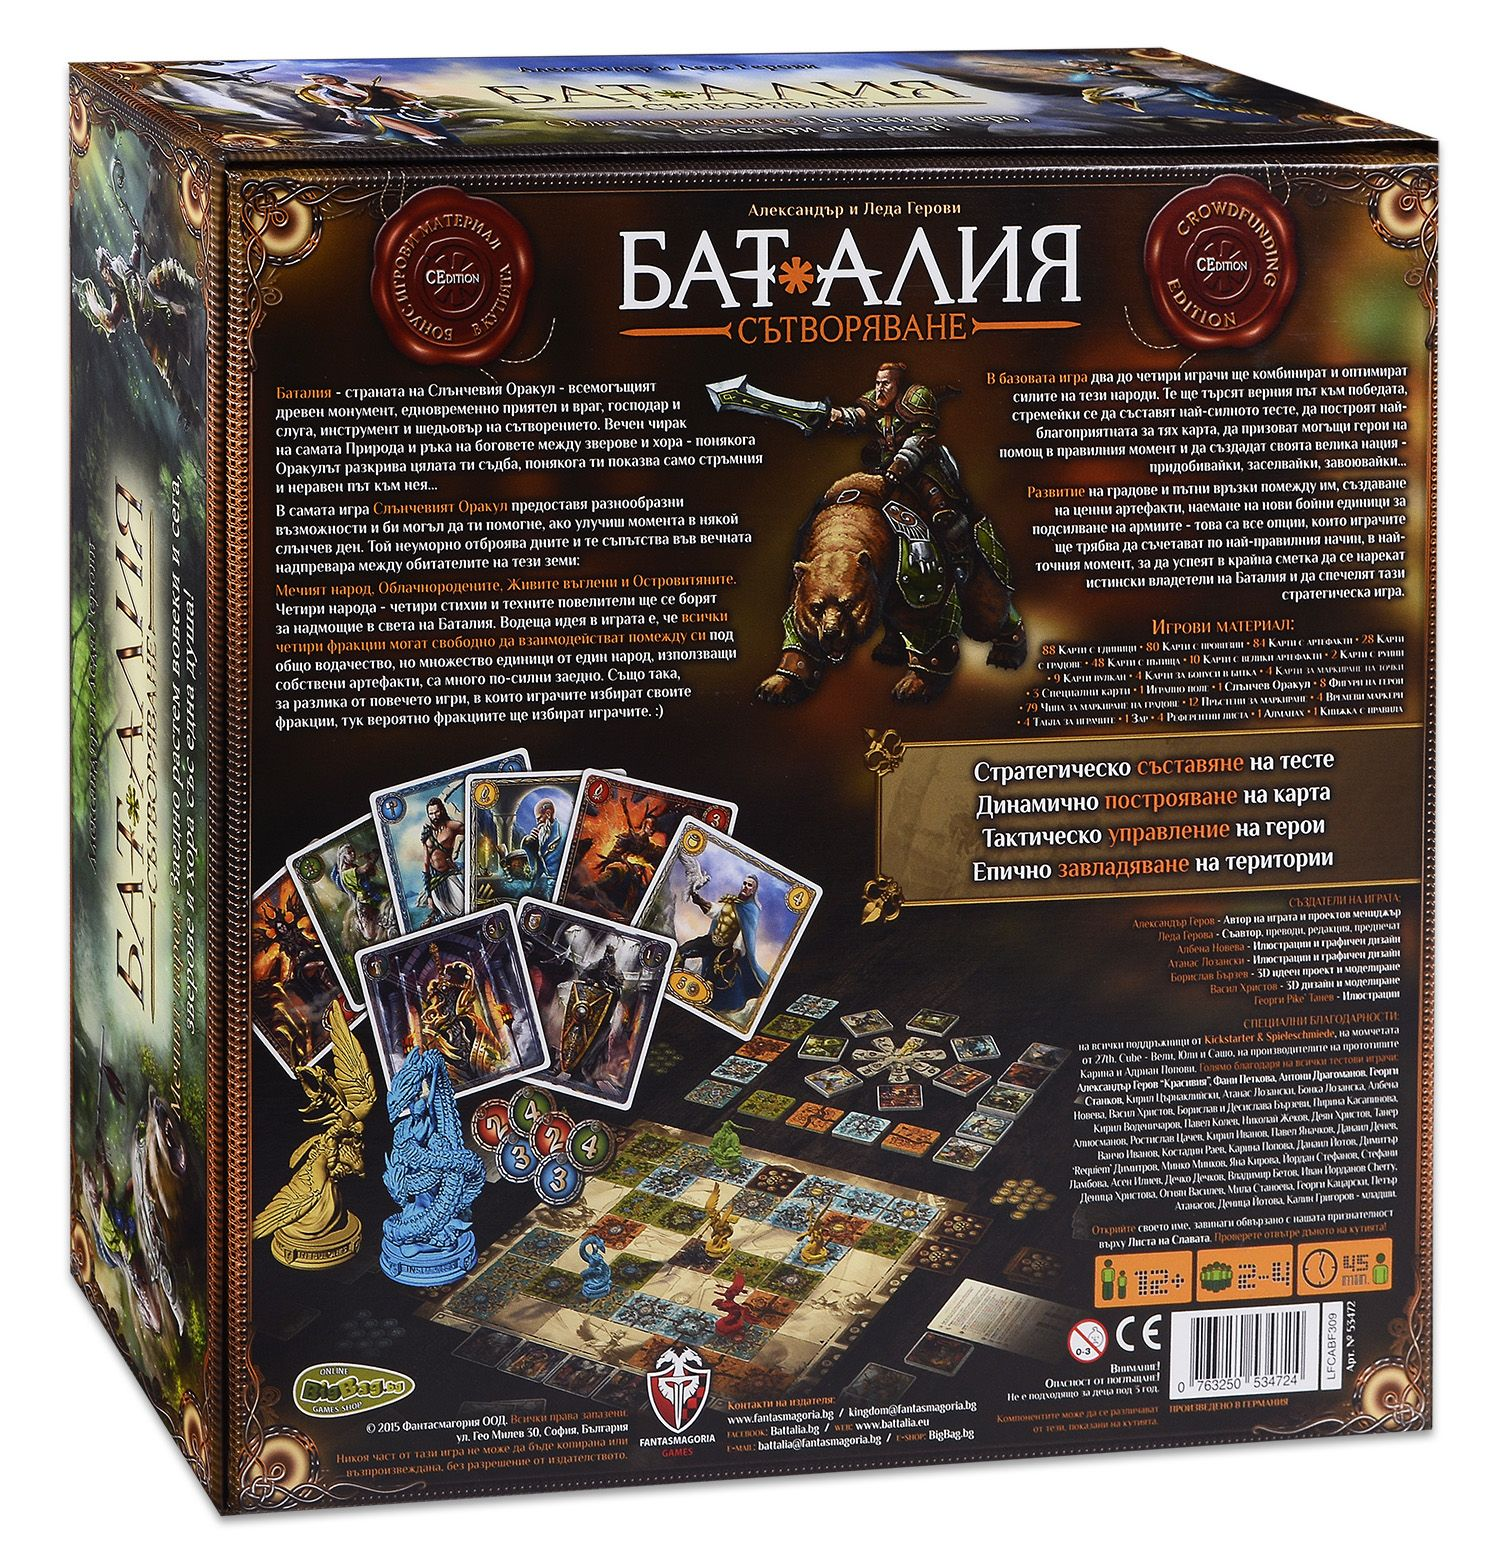 Настолна игра Баталия: Сътворяване - 1